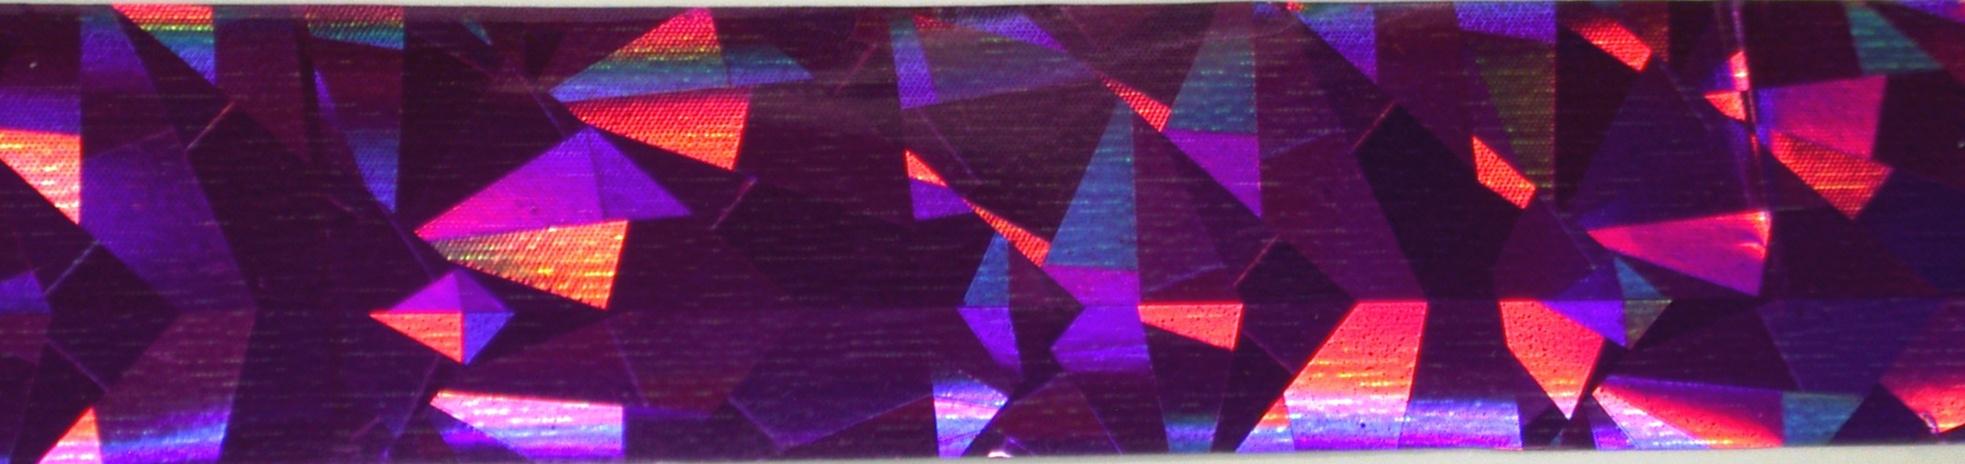 Vivi Folie na nehty jehlan fialová 50 cm